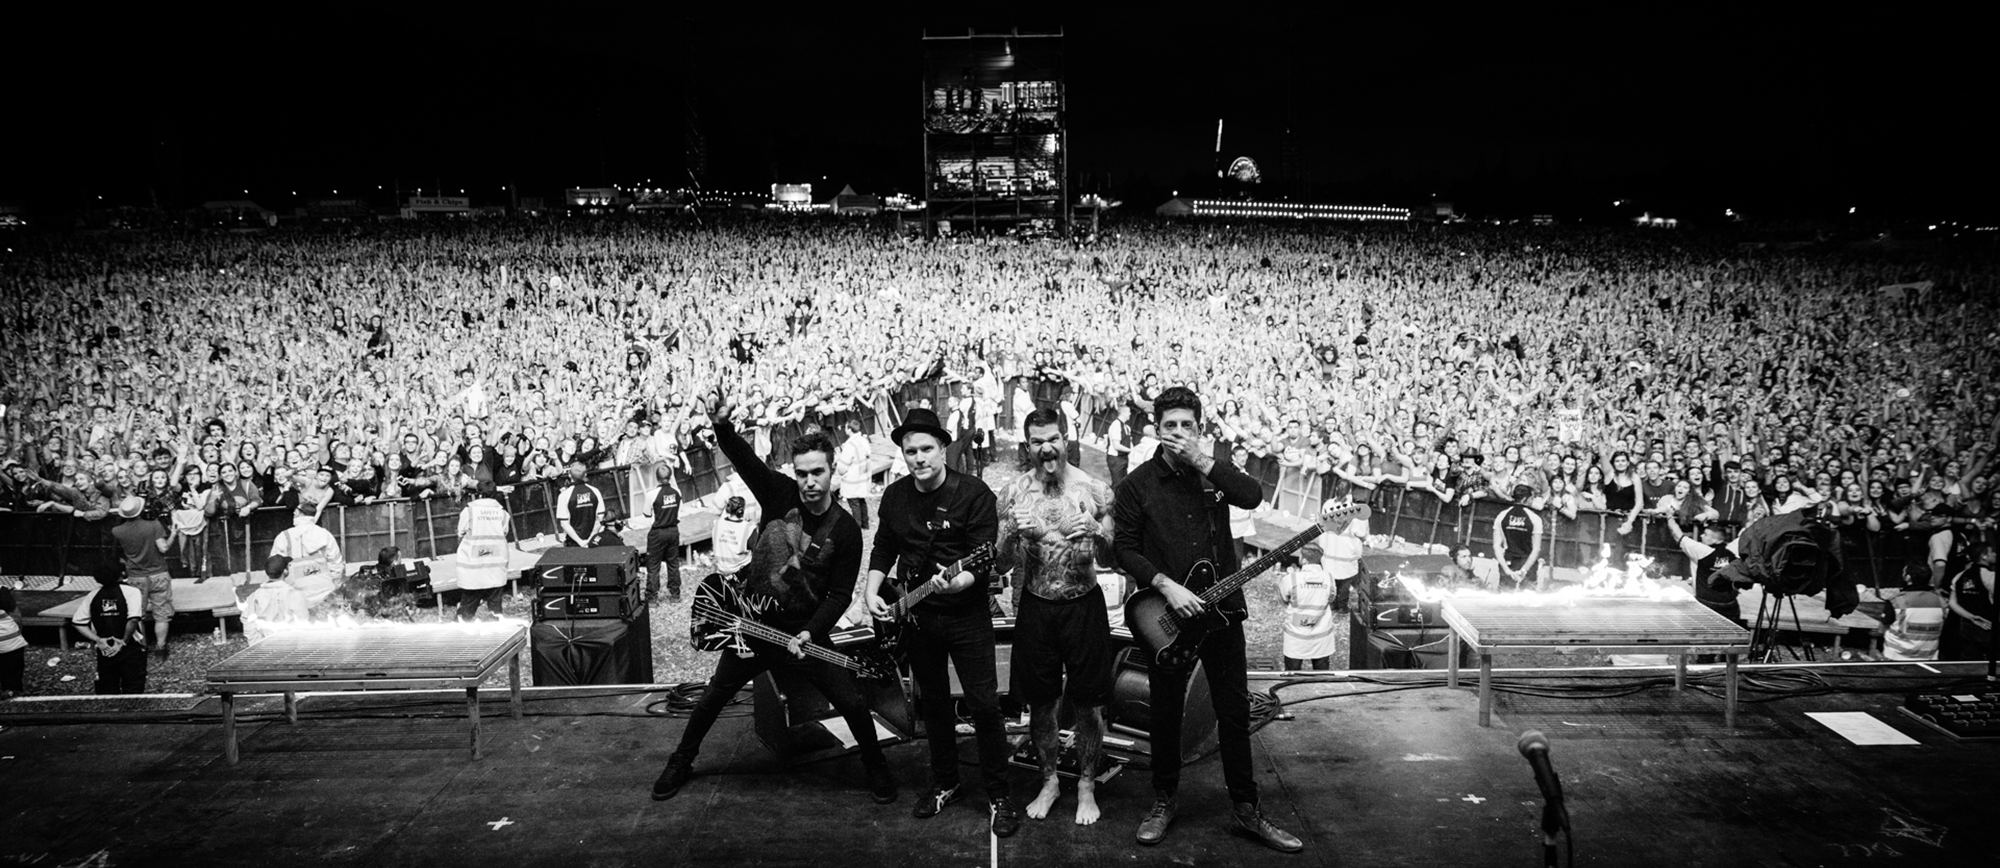 M A N I A Tour Fall Out Boy